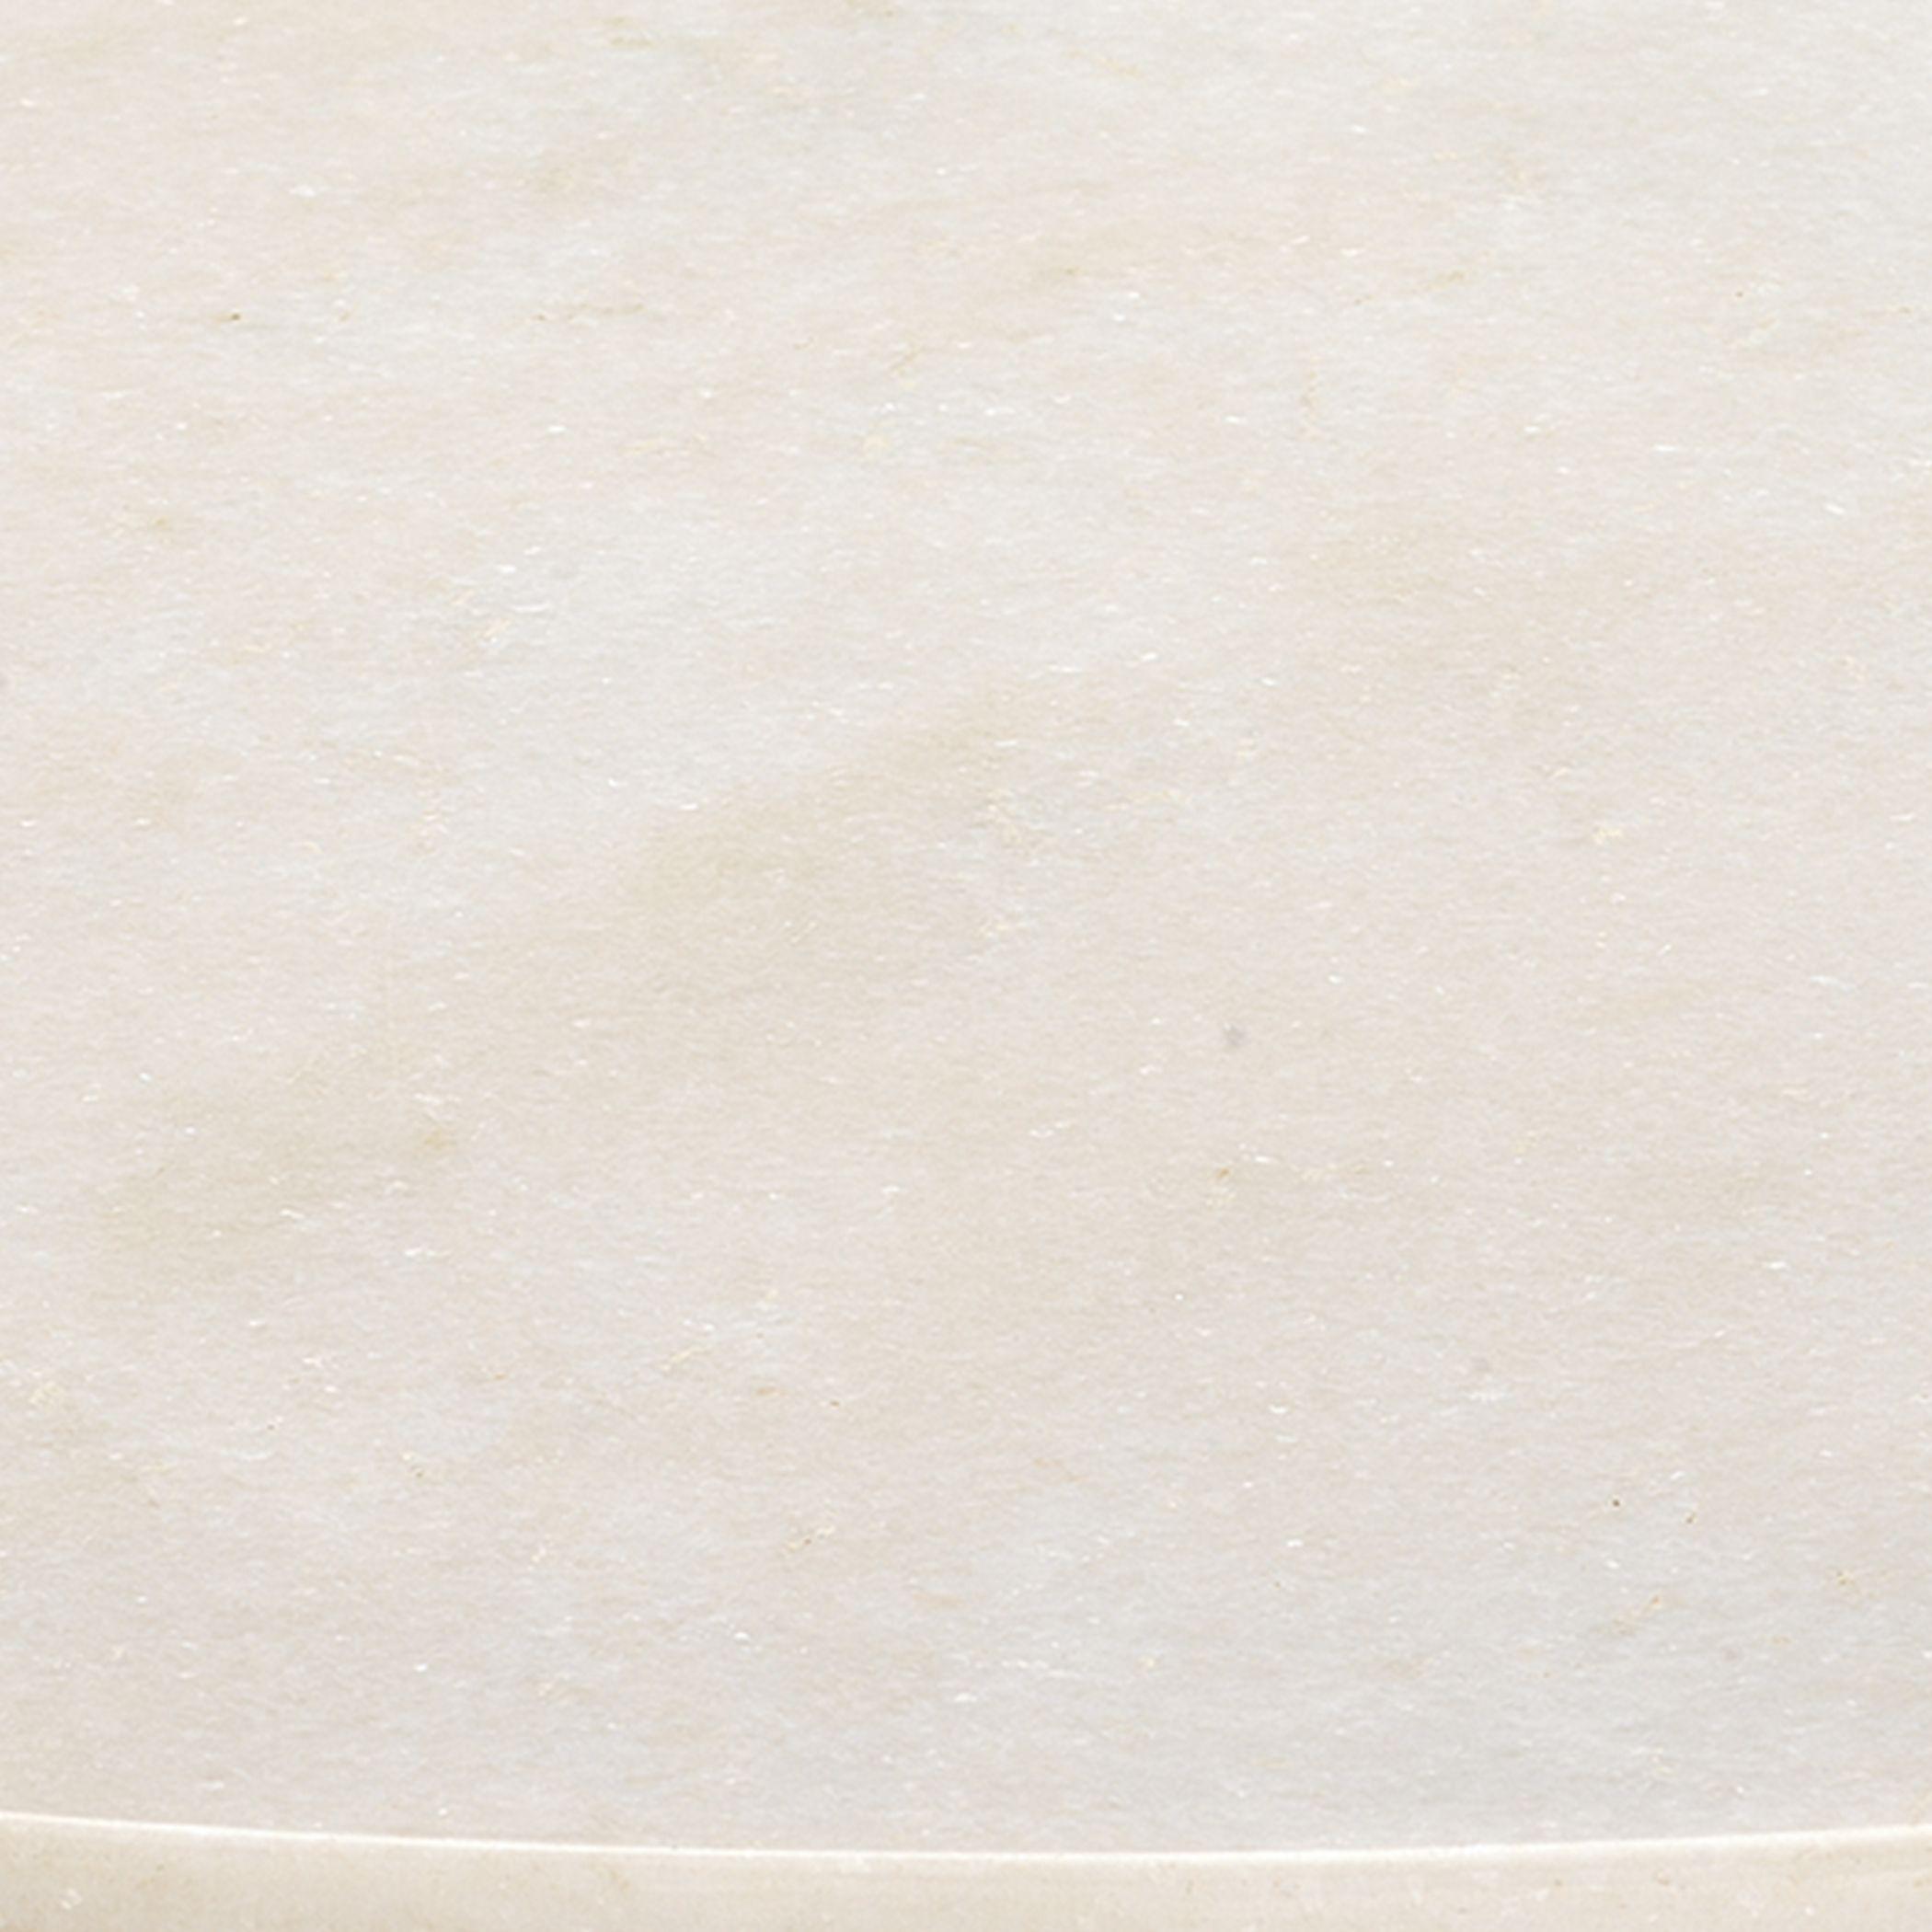 Sevigne Table White Marble In 2020 Wall Floor Tiles Porcelain